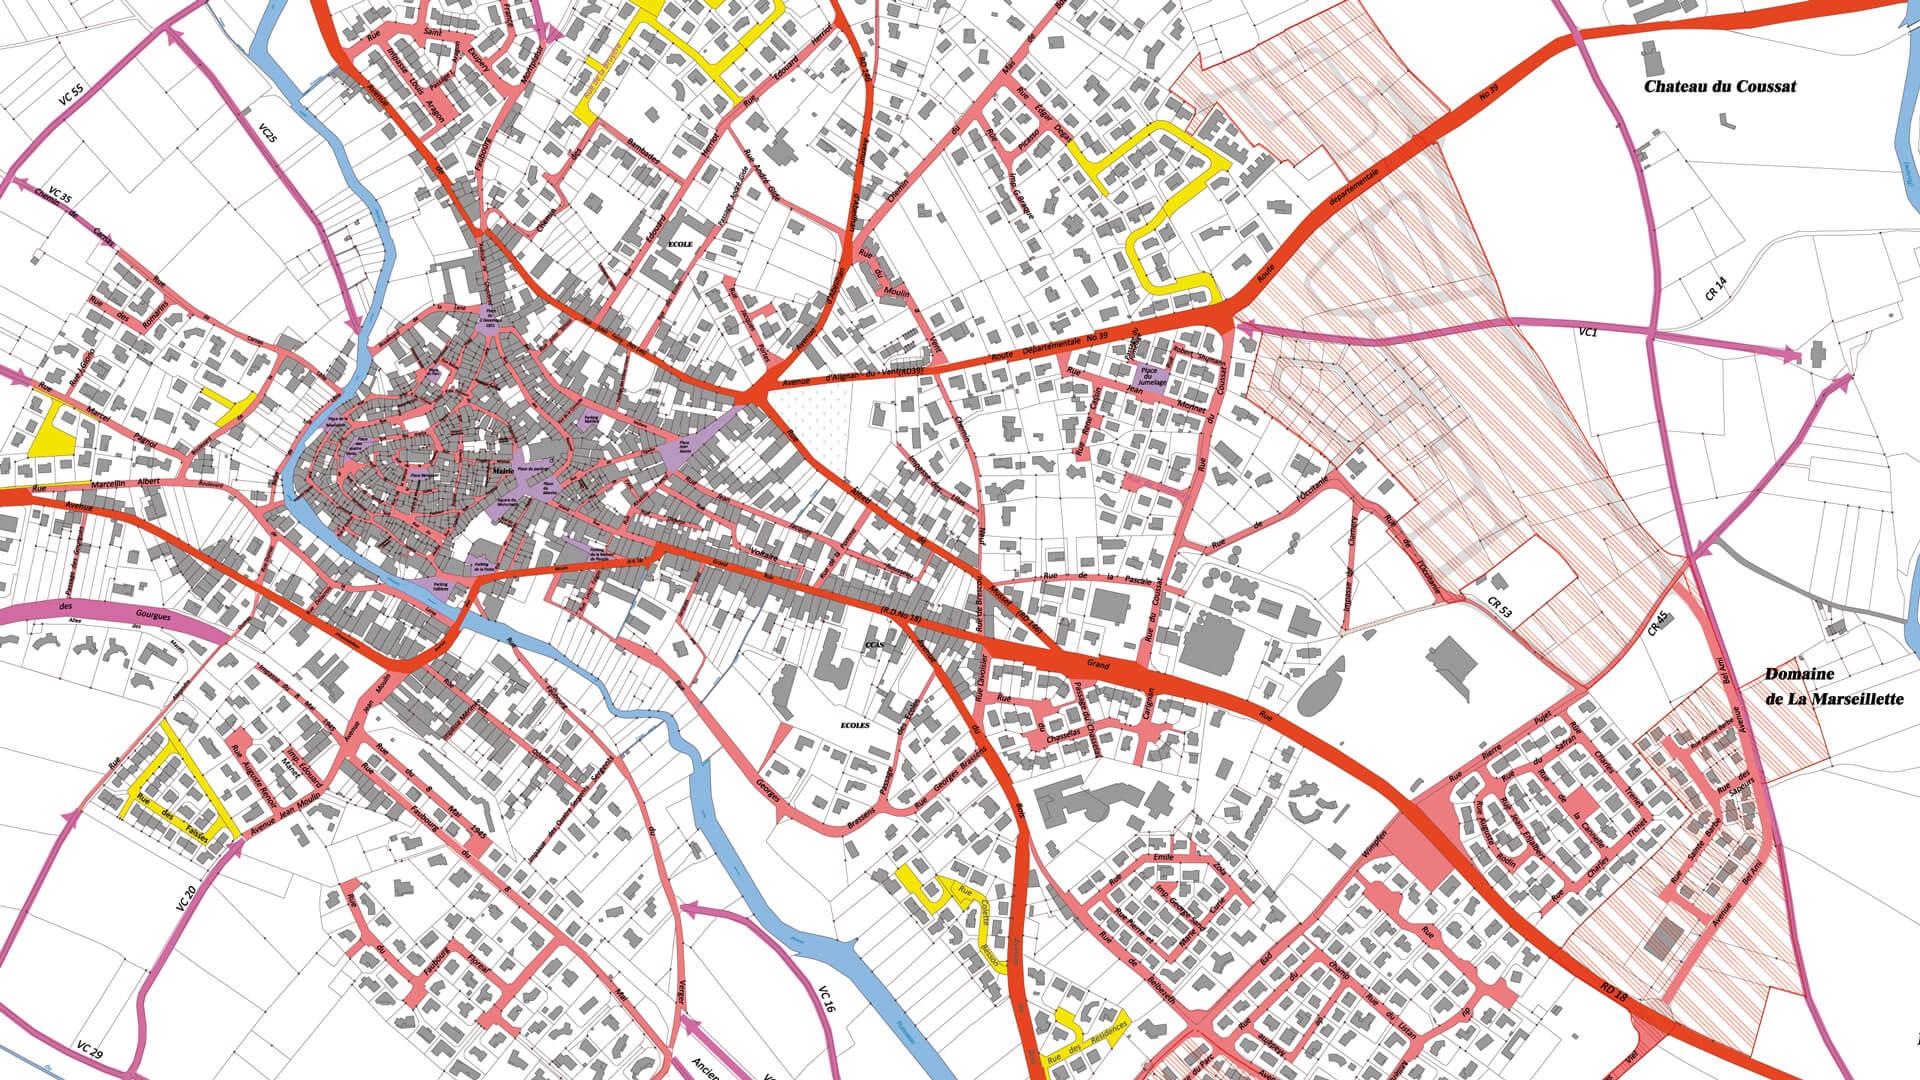 BETU | Urbanisme à Béziers | Réorganisation de la voirie communale